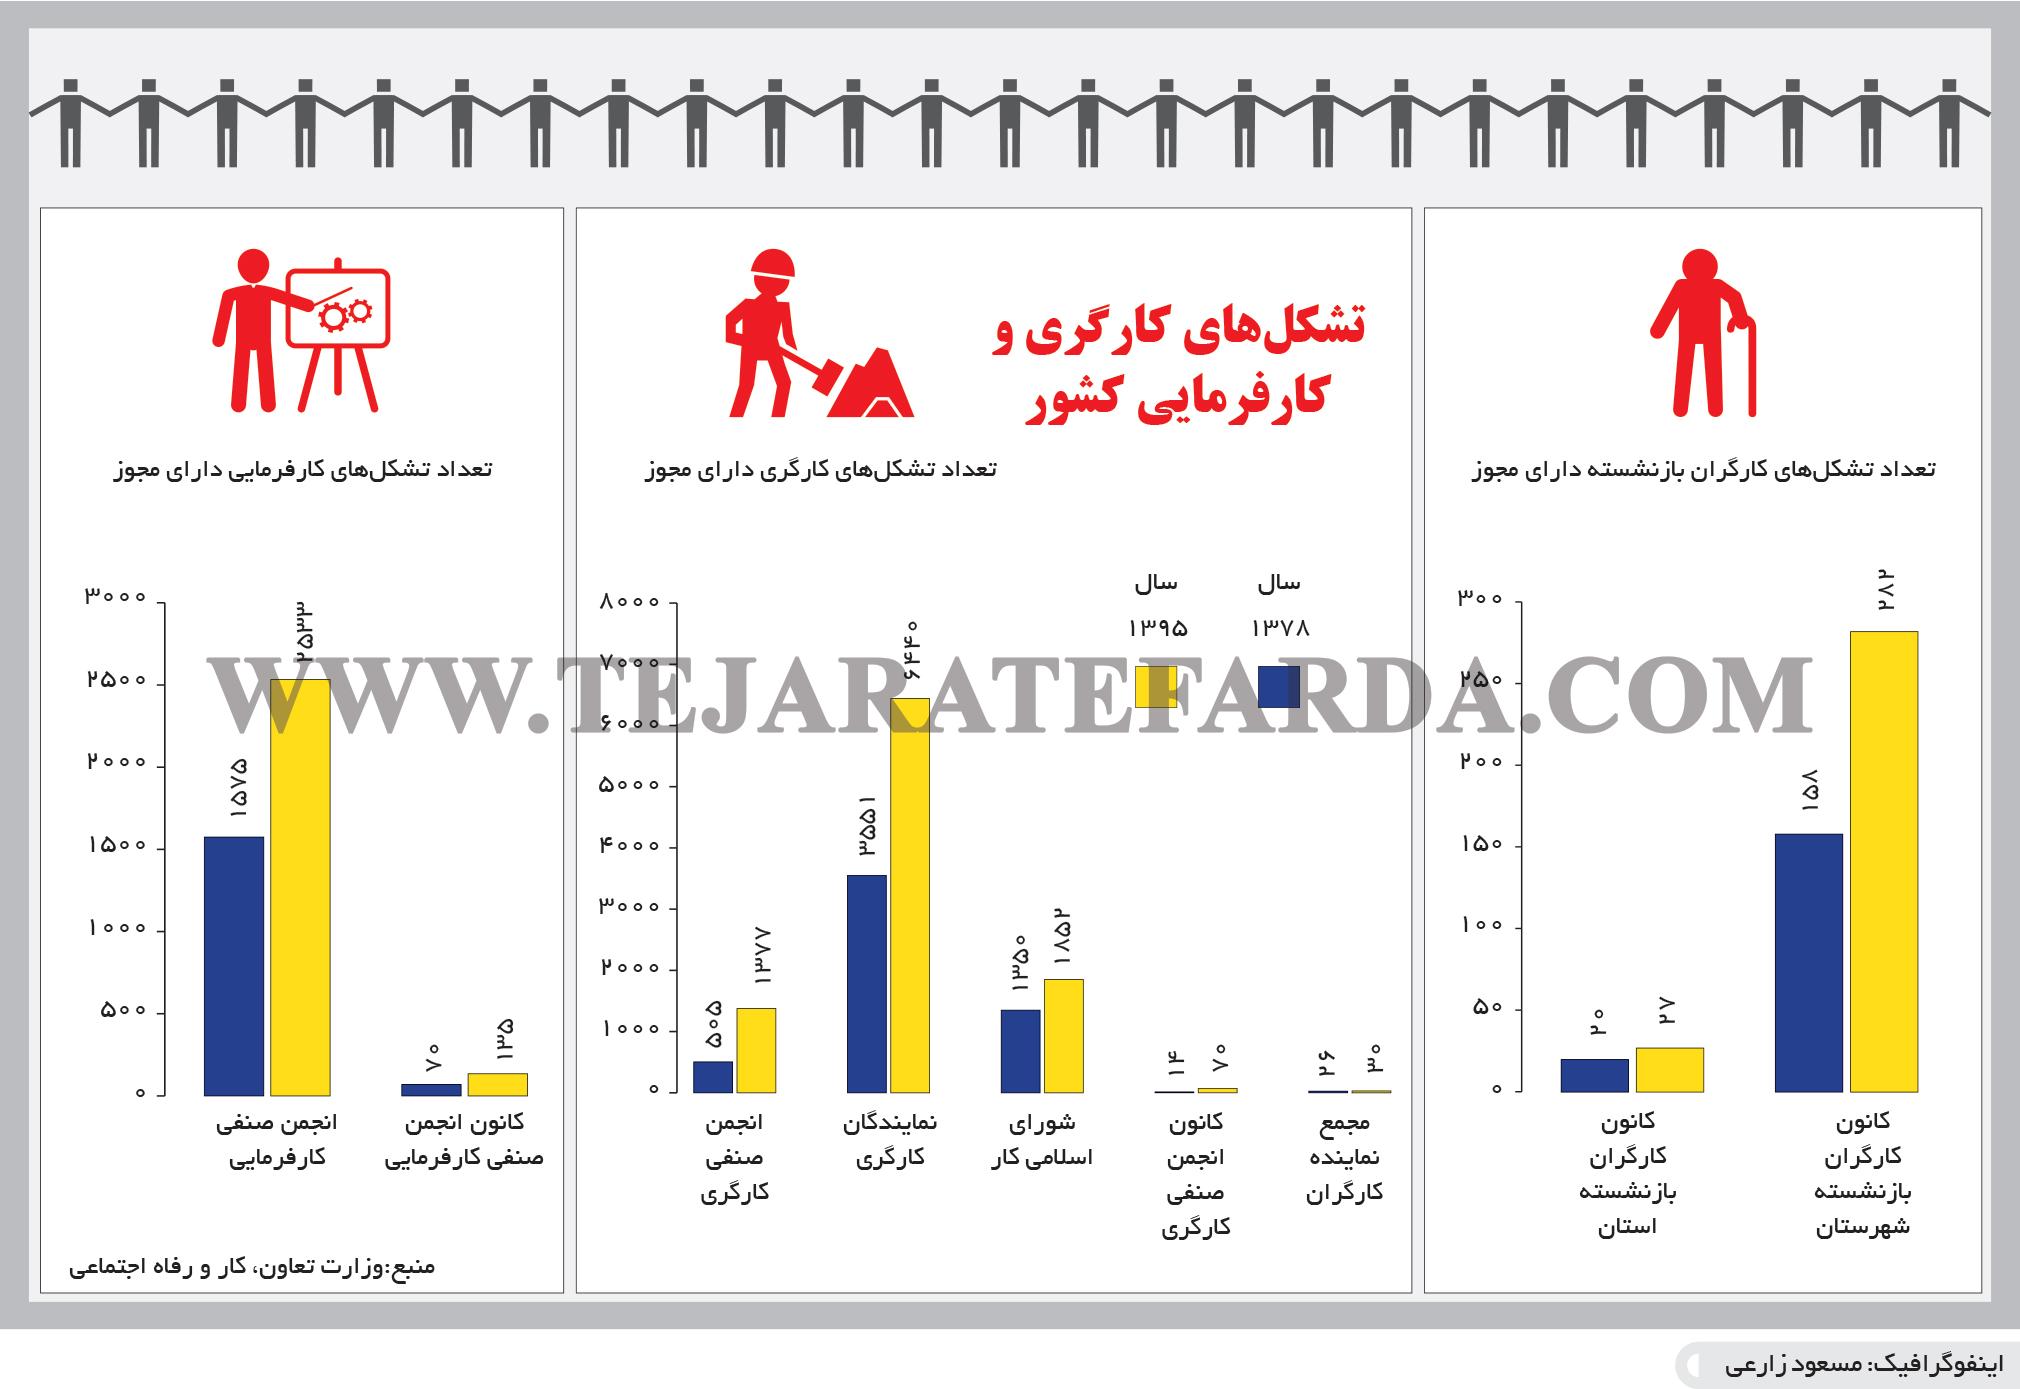 تجارت- فردا- تشکلهای کارگری و کارفرمایی کشور(اینفوگرافیک)